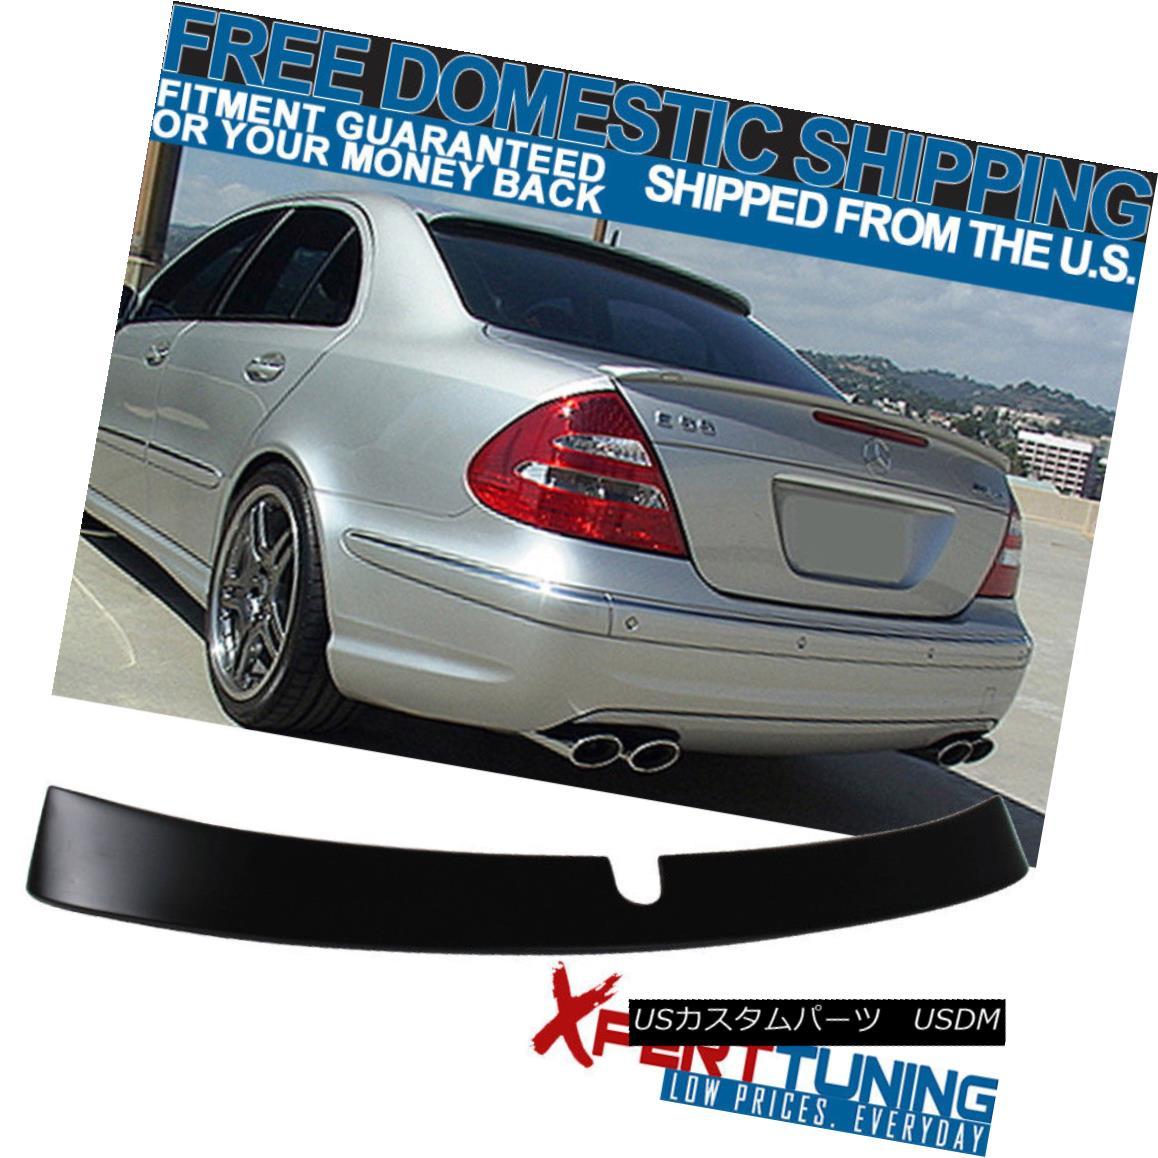 エアロパーツ Fit For 03-05 Benz E-Class W211 4Dr L Unpainted ABS Rear Window Visor Spoiler フィット03-05ベンツEクラスW211 4Dr L未塗装ABSリアウィンドウバイザースポイラー